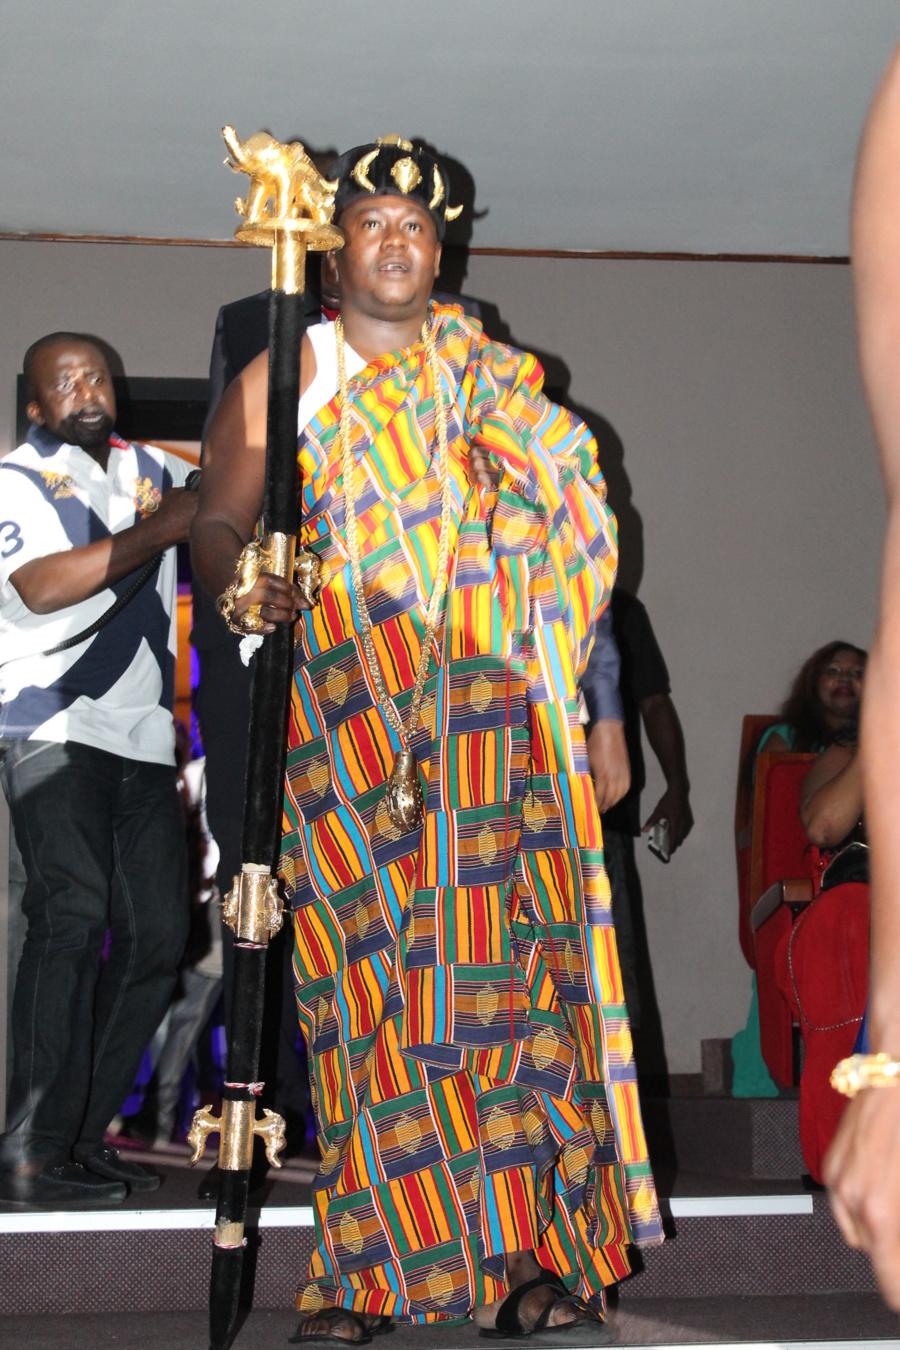 Avec son habillement purement africain, Bakayoko fait un clin d'œil à son pays, la Côte d'Ivoire